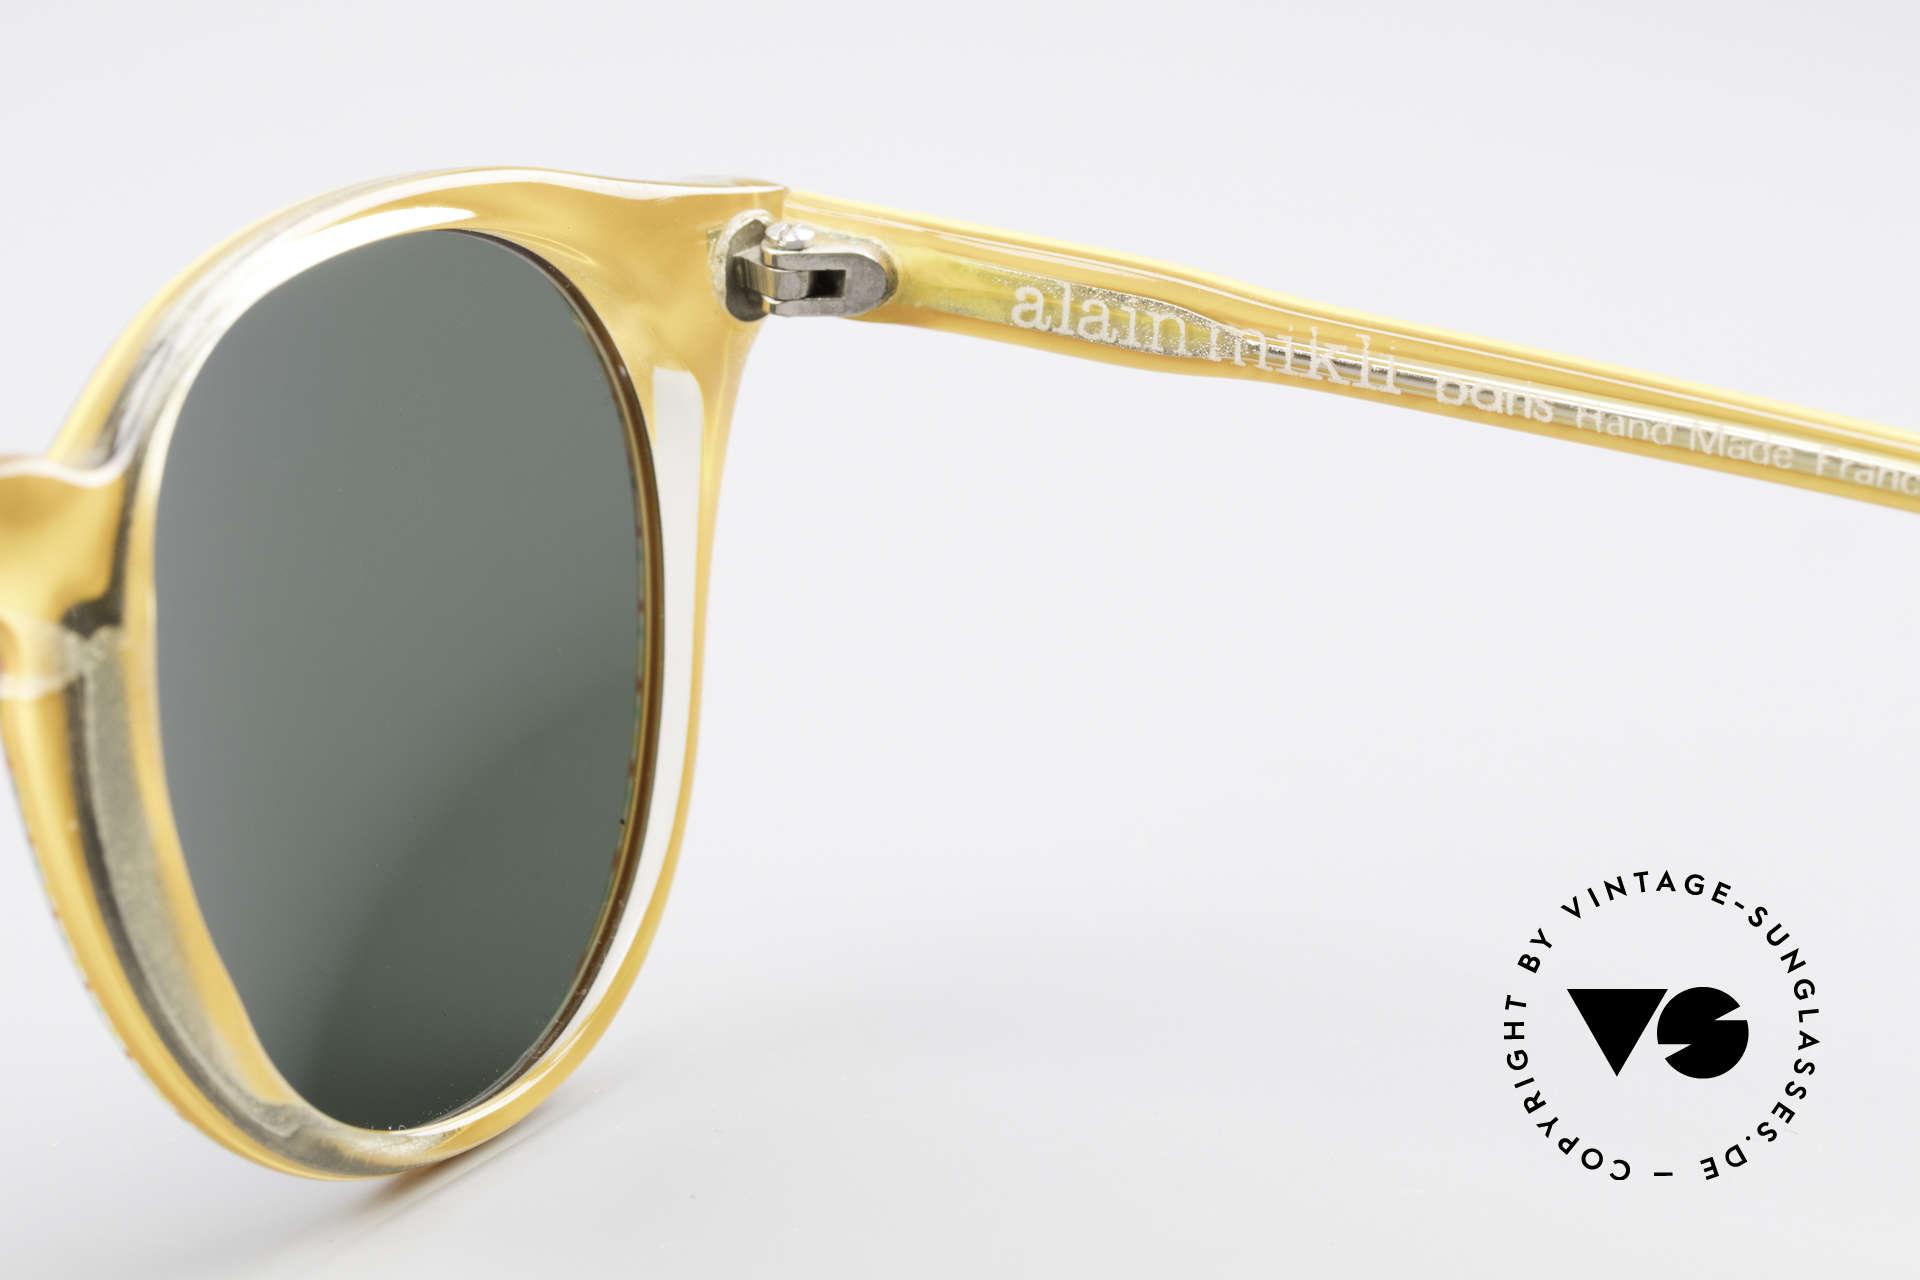 Alain Mikli 034 / 210 Designer Panto Sonnenbrille, KEINE Retromode, sondern ein altes Mikli-Original, Passend für Herren und Damen